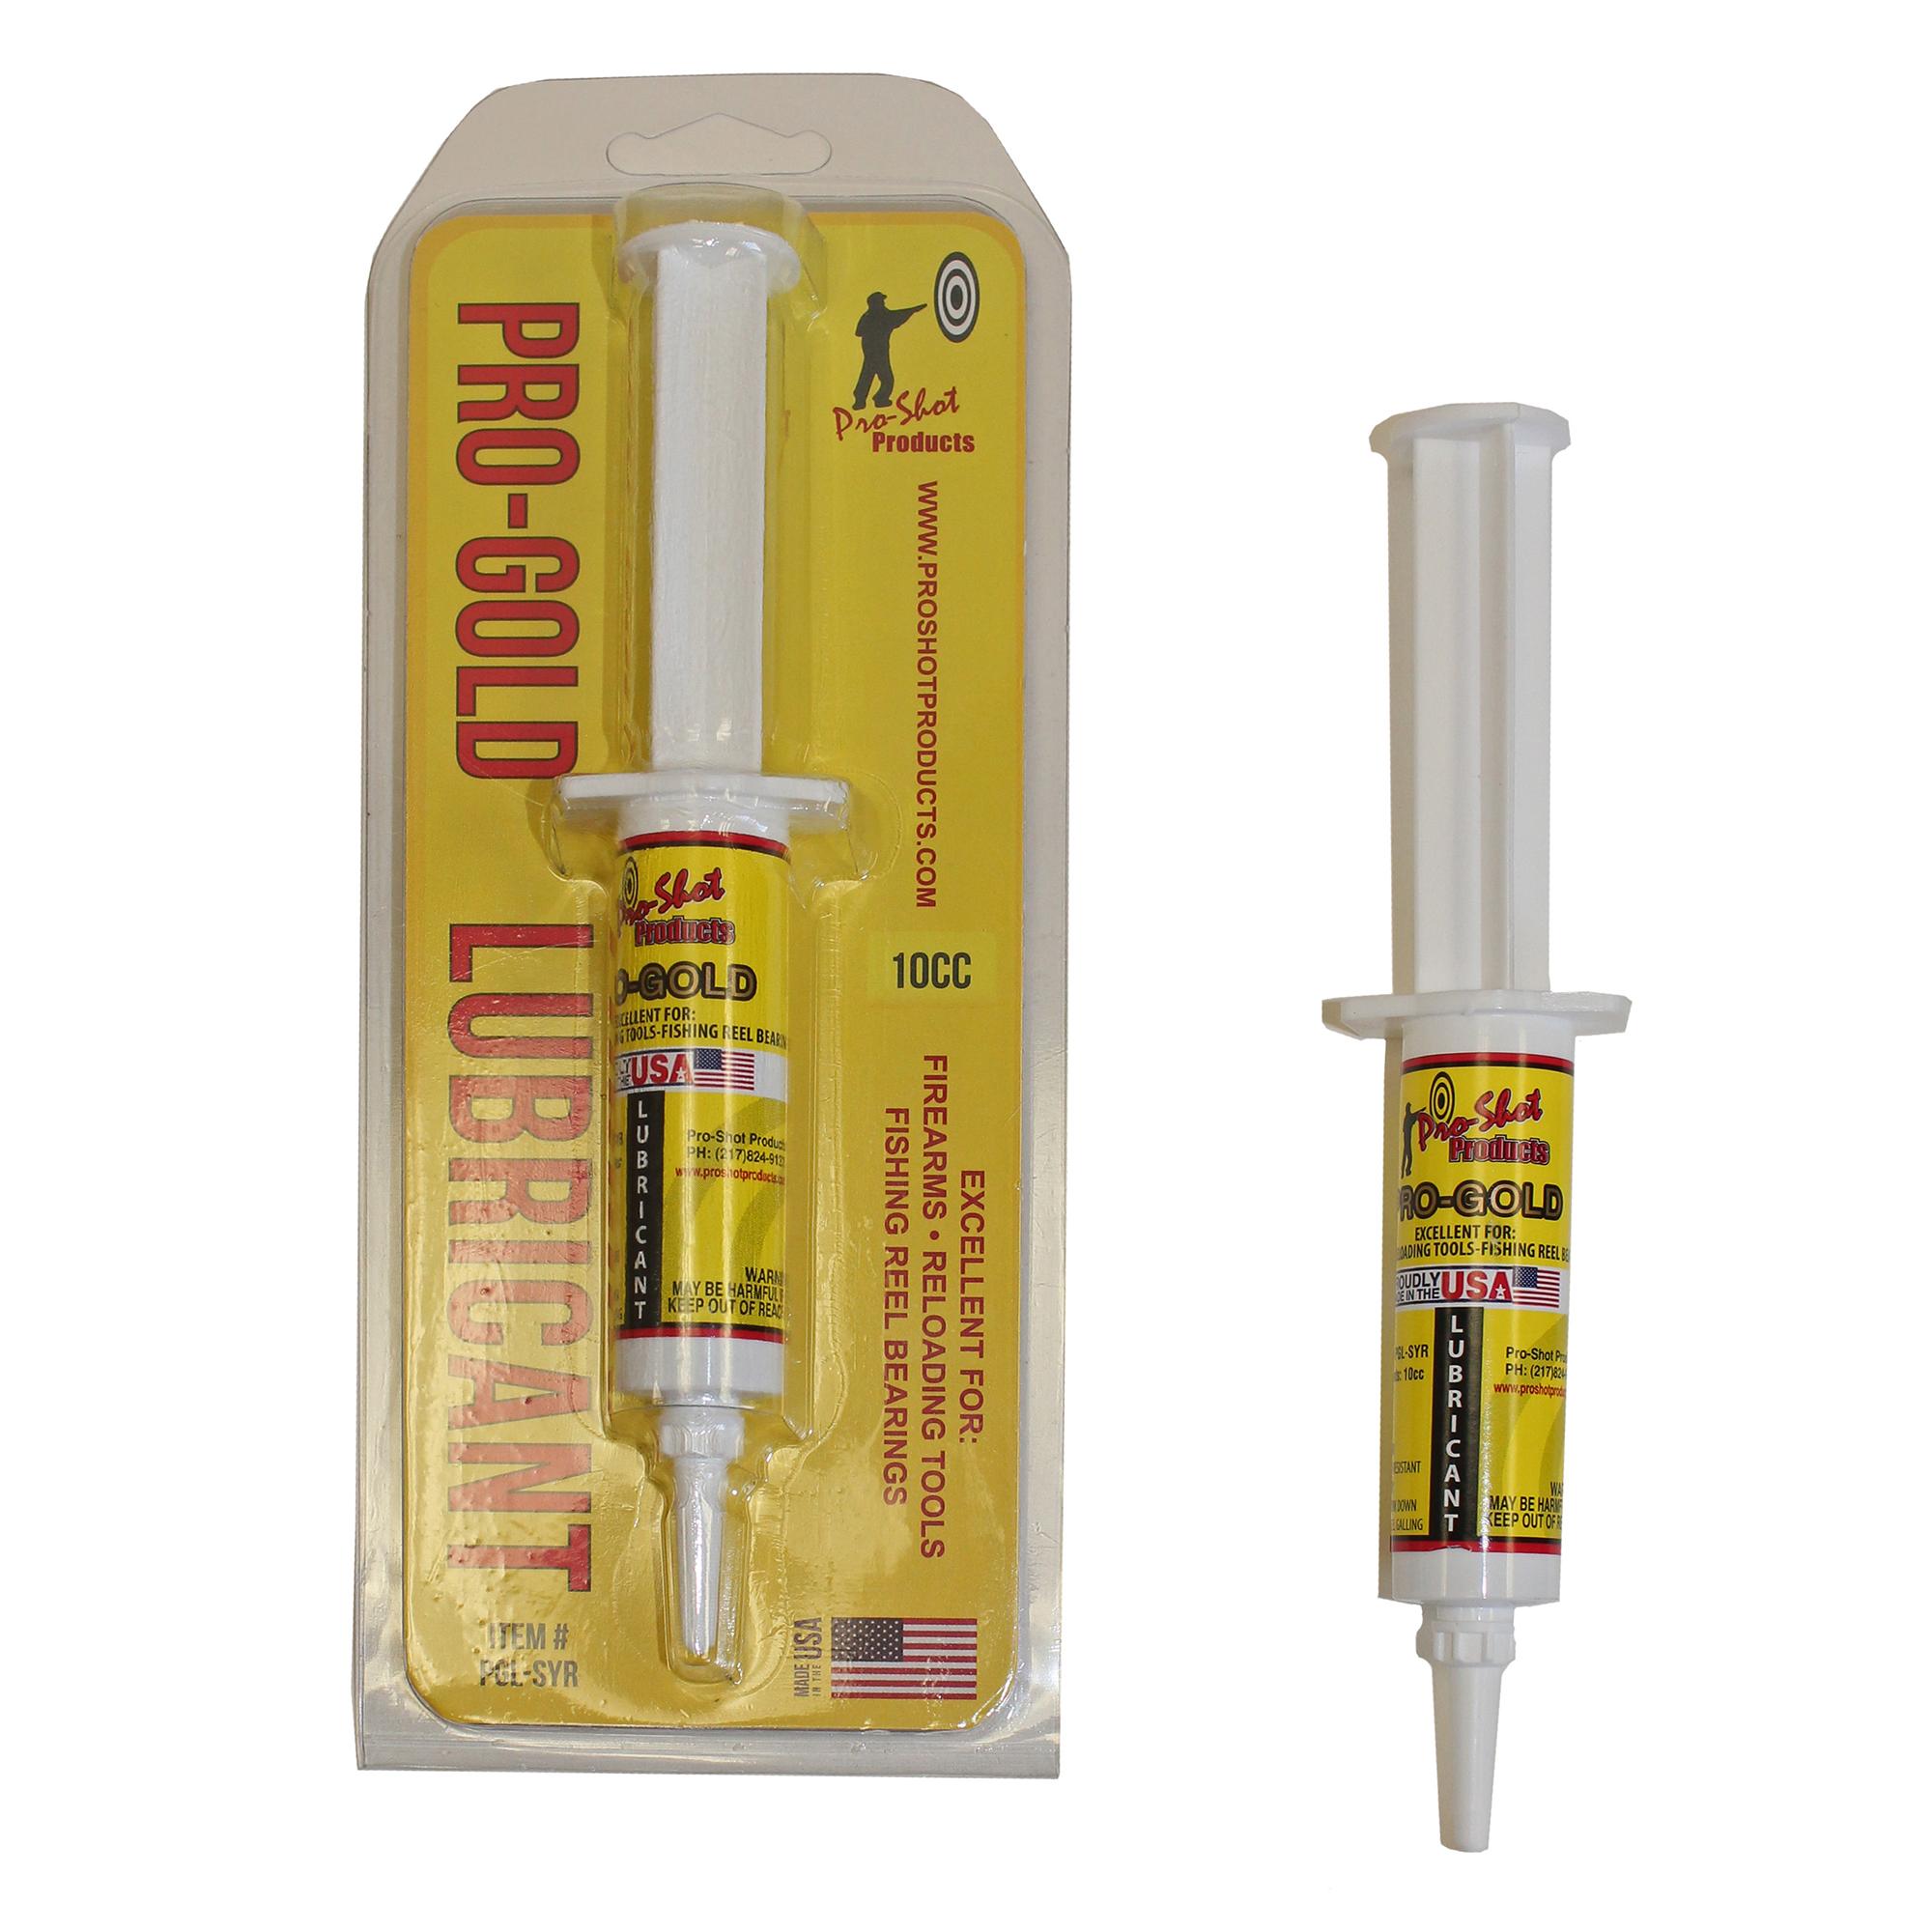 Pro-Shot Pro-Gold Lubricant, 10cc Syringe